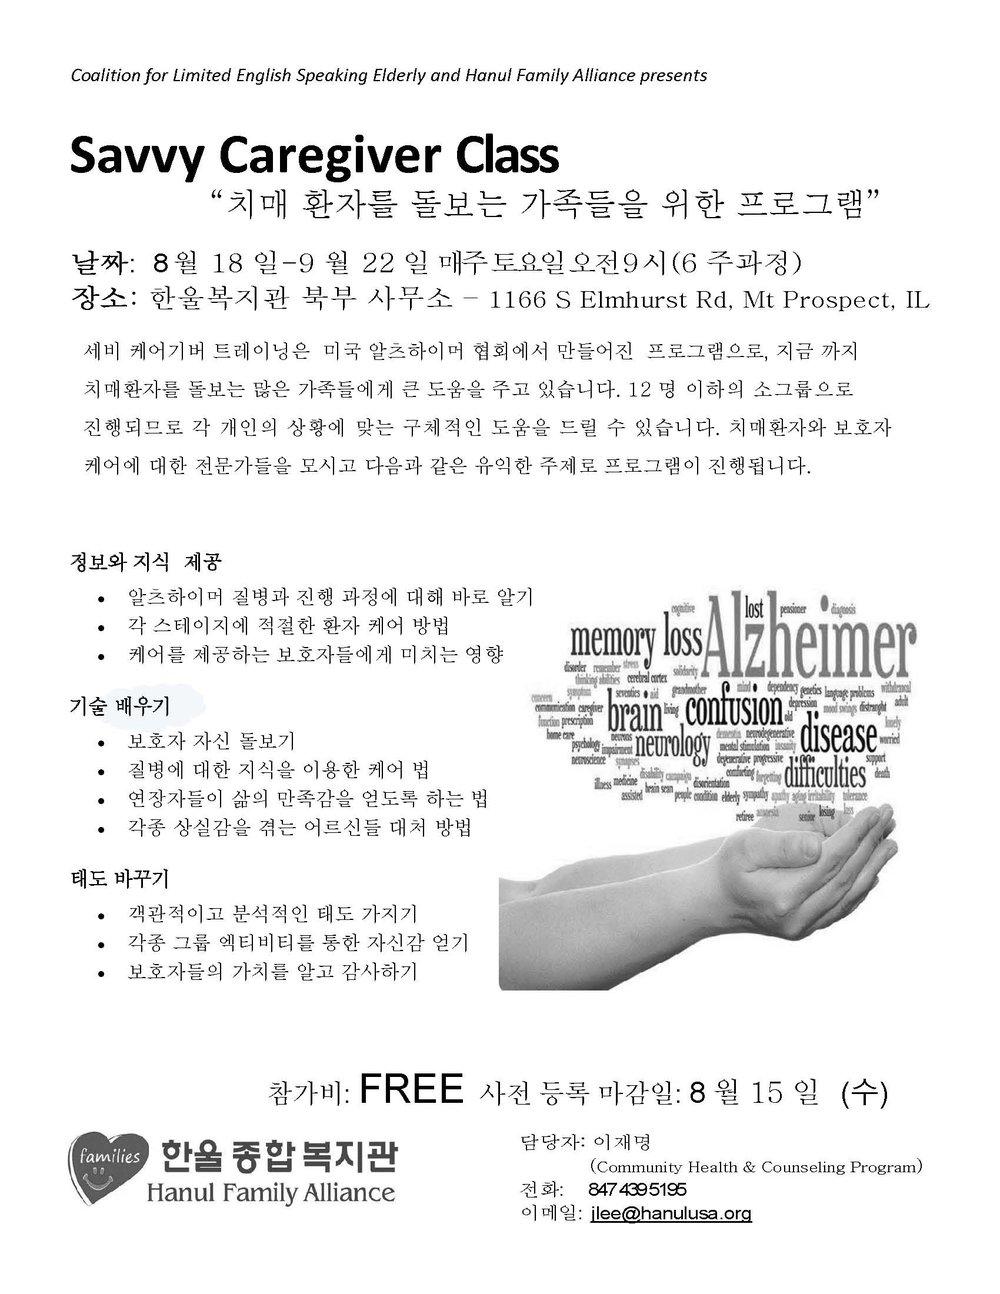 Savvy Caregiver Flyer - 2nd for FY18 - Korean (1).jpg